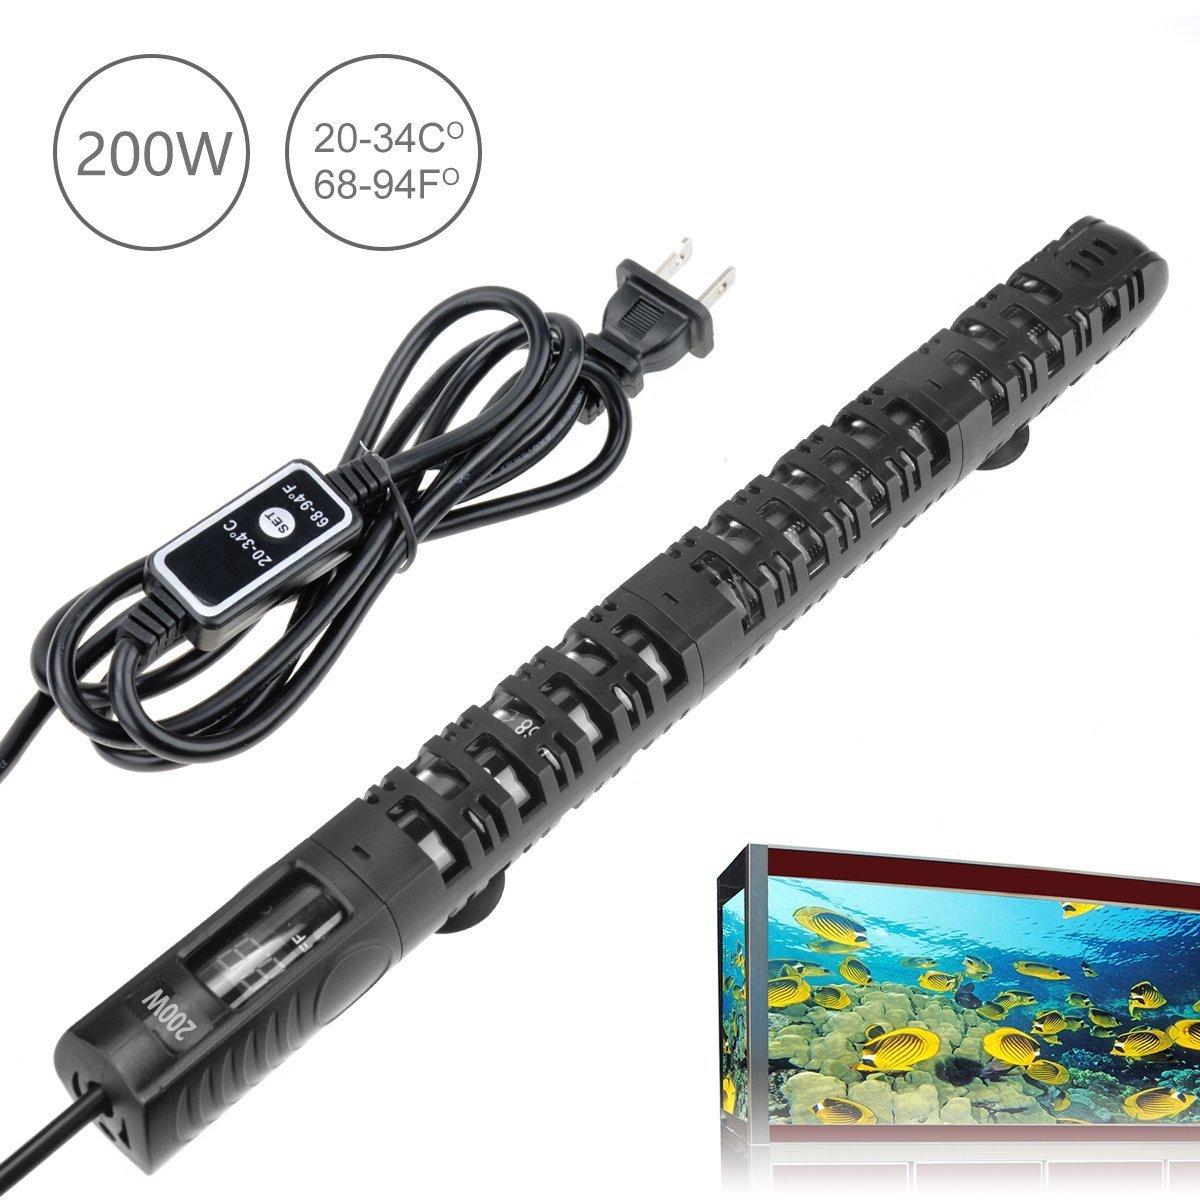 Chauffage pour Aquarium 300W Iseebiz Réglable 20-34℃ Écran LED Numérique ave 2 Ventouse pour Aquarium 120-250L 80-100cm Issebiz